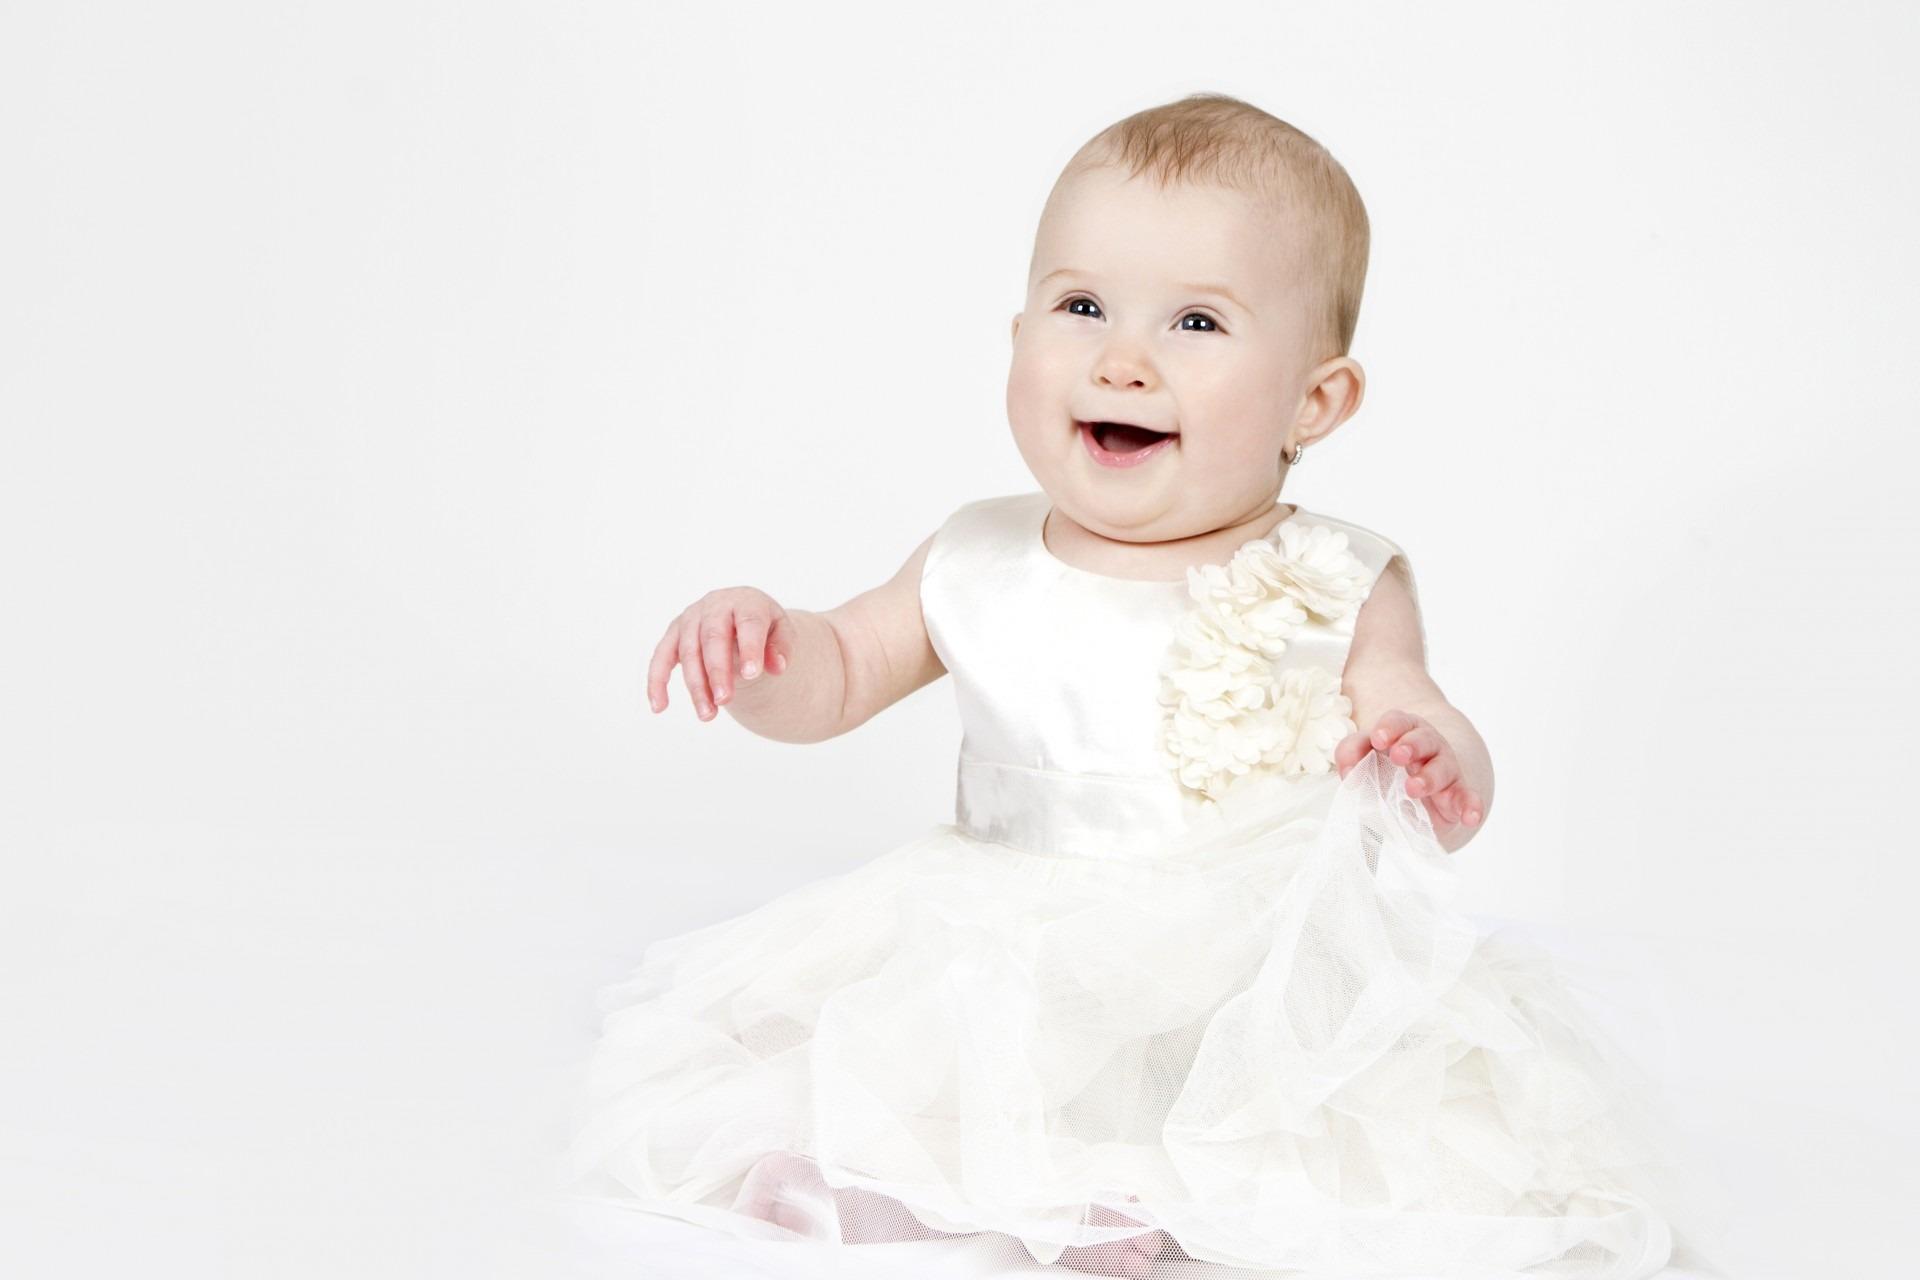 4581936dc643 person pige barn nuttet elsker par barn tøj lyserød bryllup brud Brudgom  baby familie kjole lykkelig